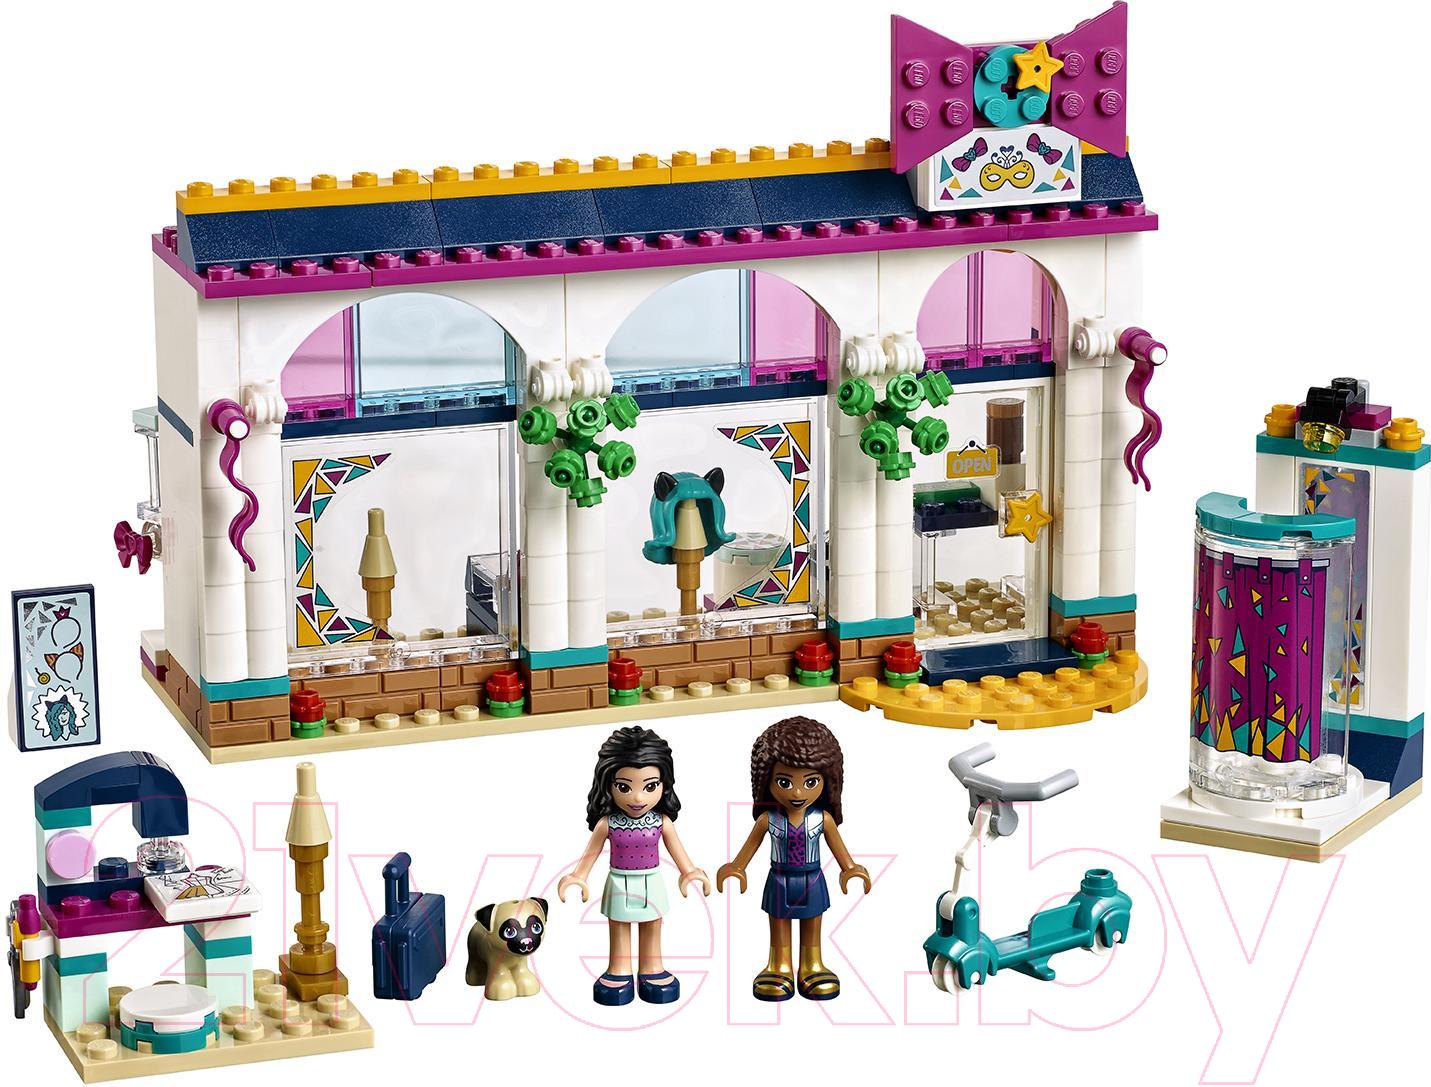 Купить Конструктор Lego, Friends Магазин аксессуаров Андреа 41344, Китай, пластик